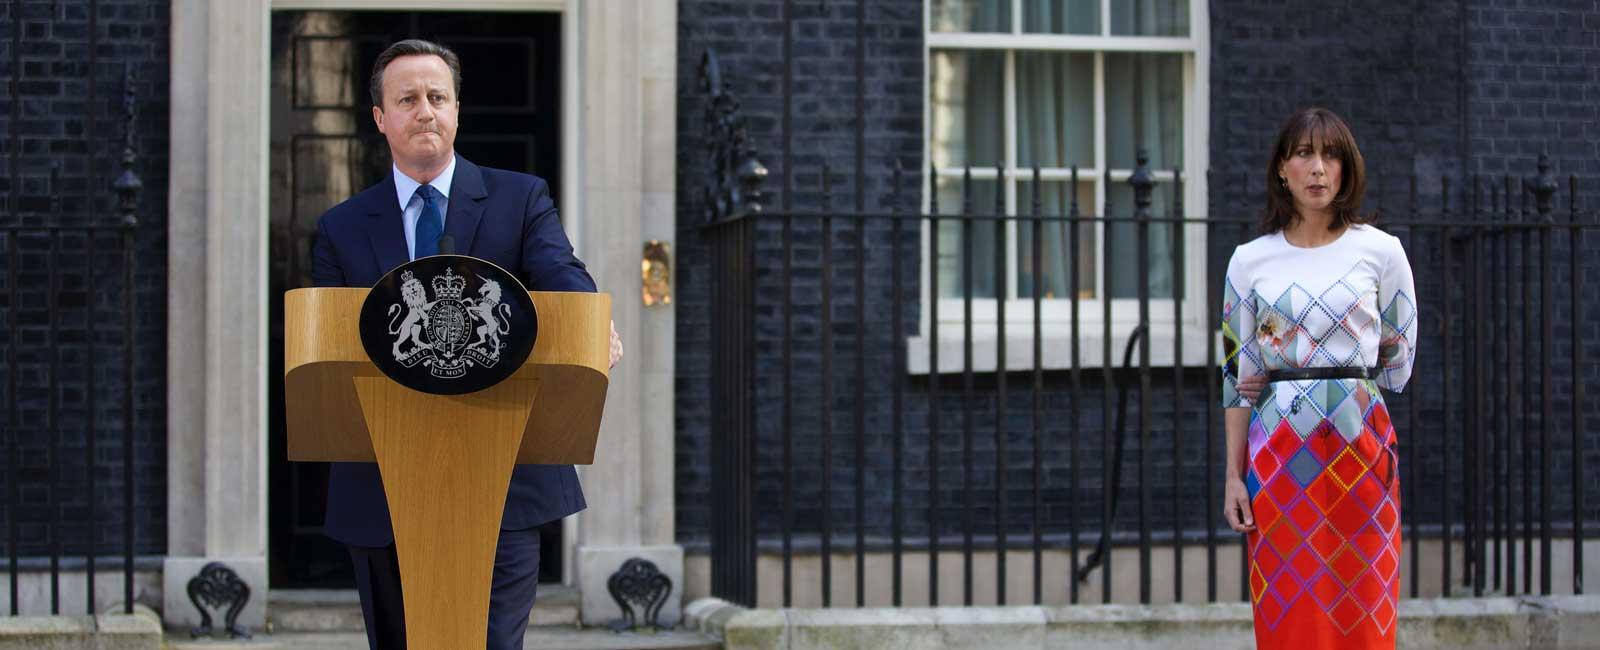 Gana el Brexit y David Cameron anuncia la salida de Europa del Reino Unido